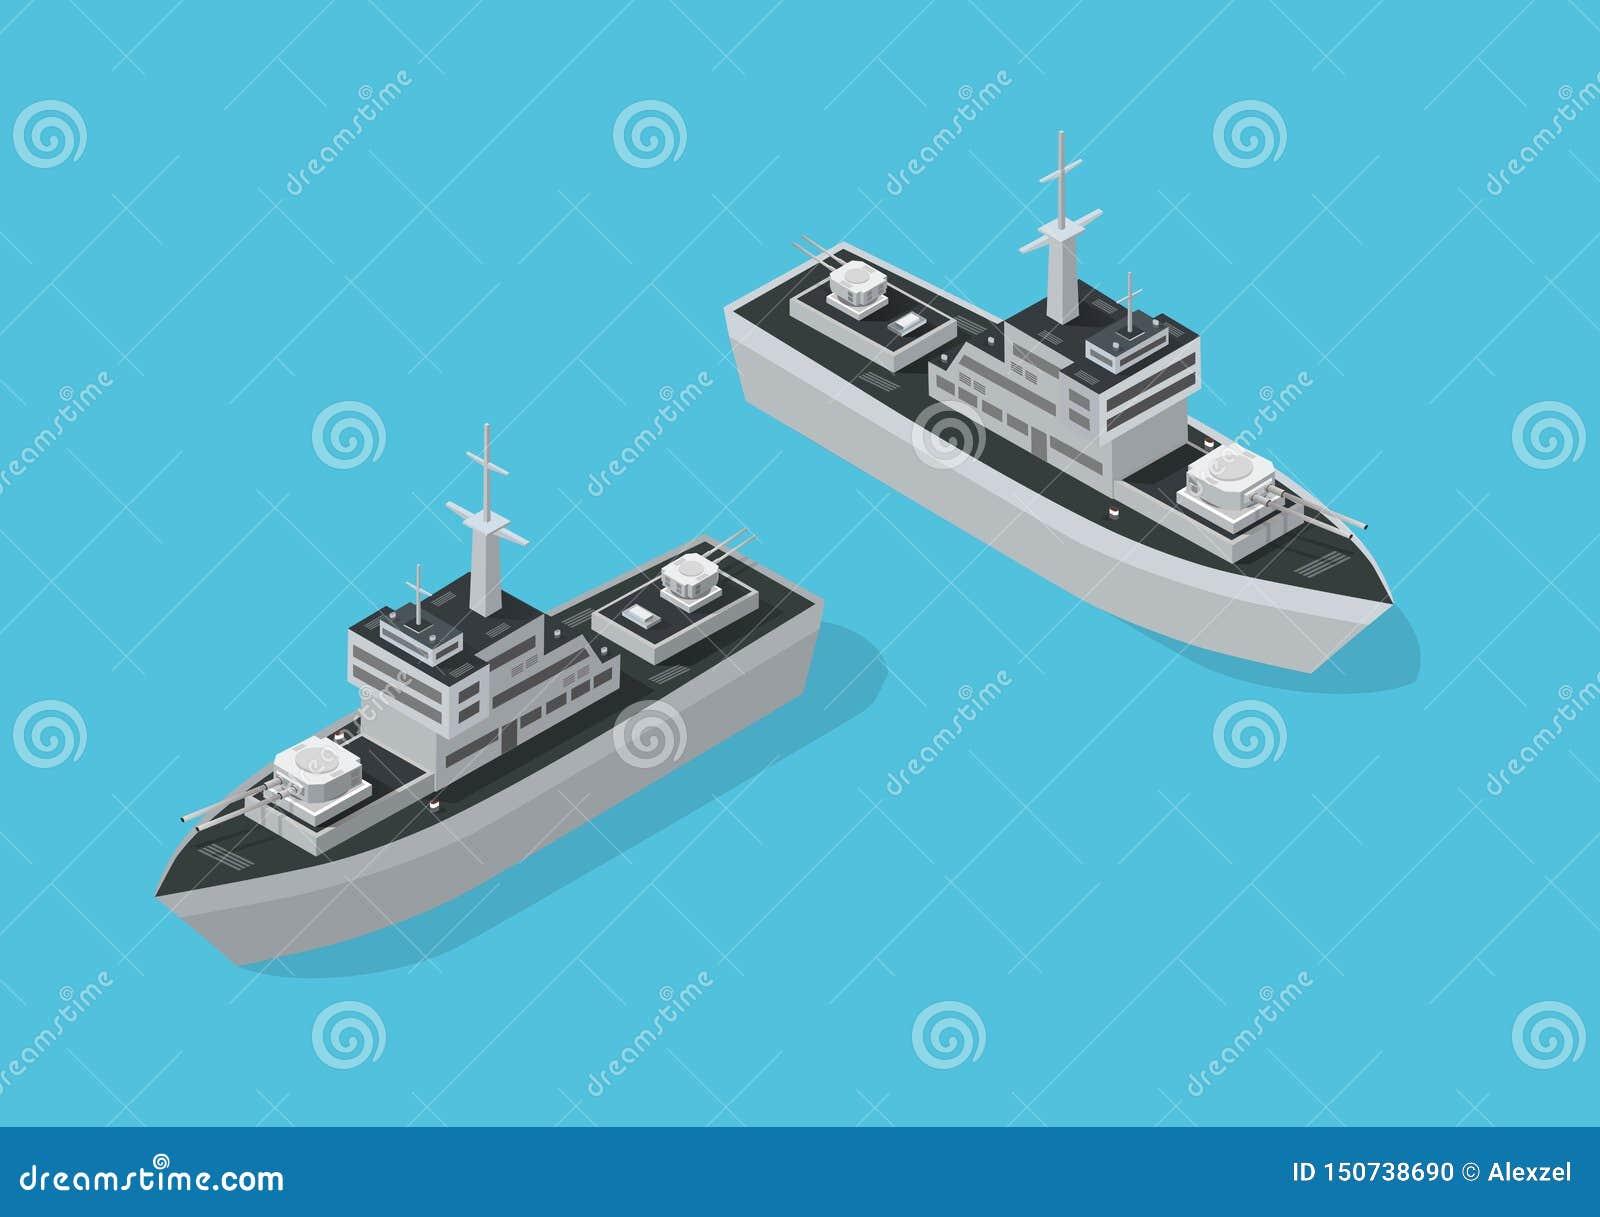 Barco militar del buque de guerra